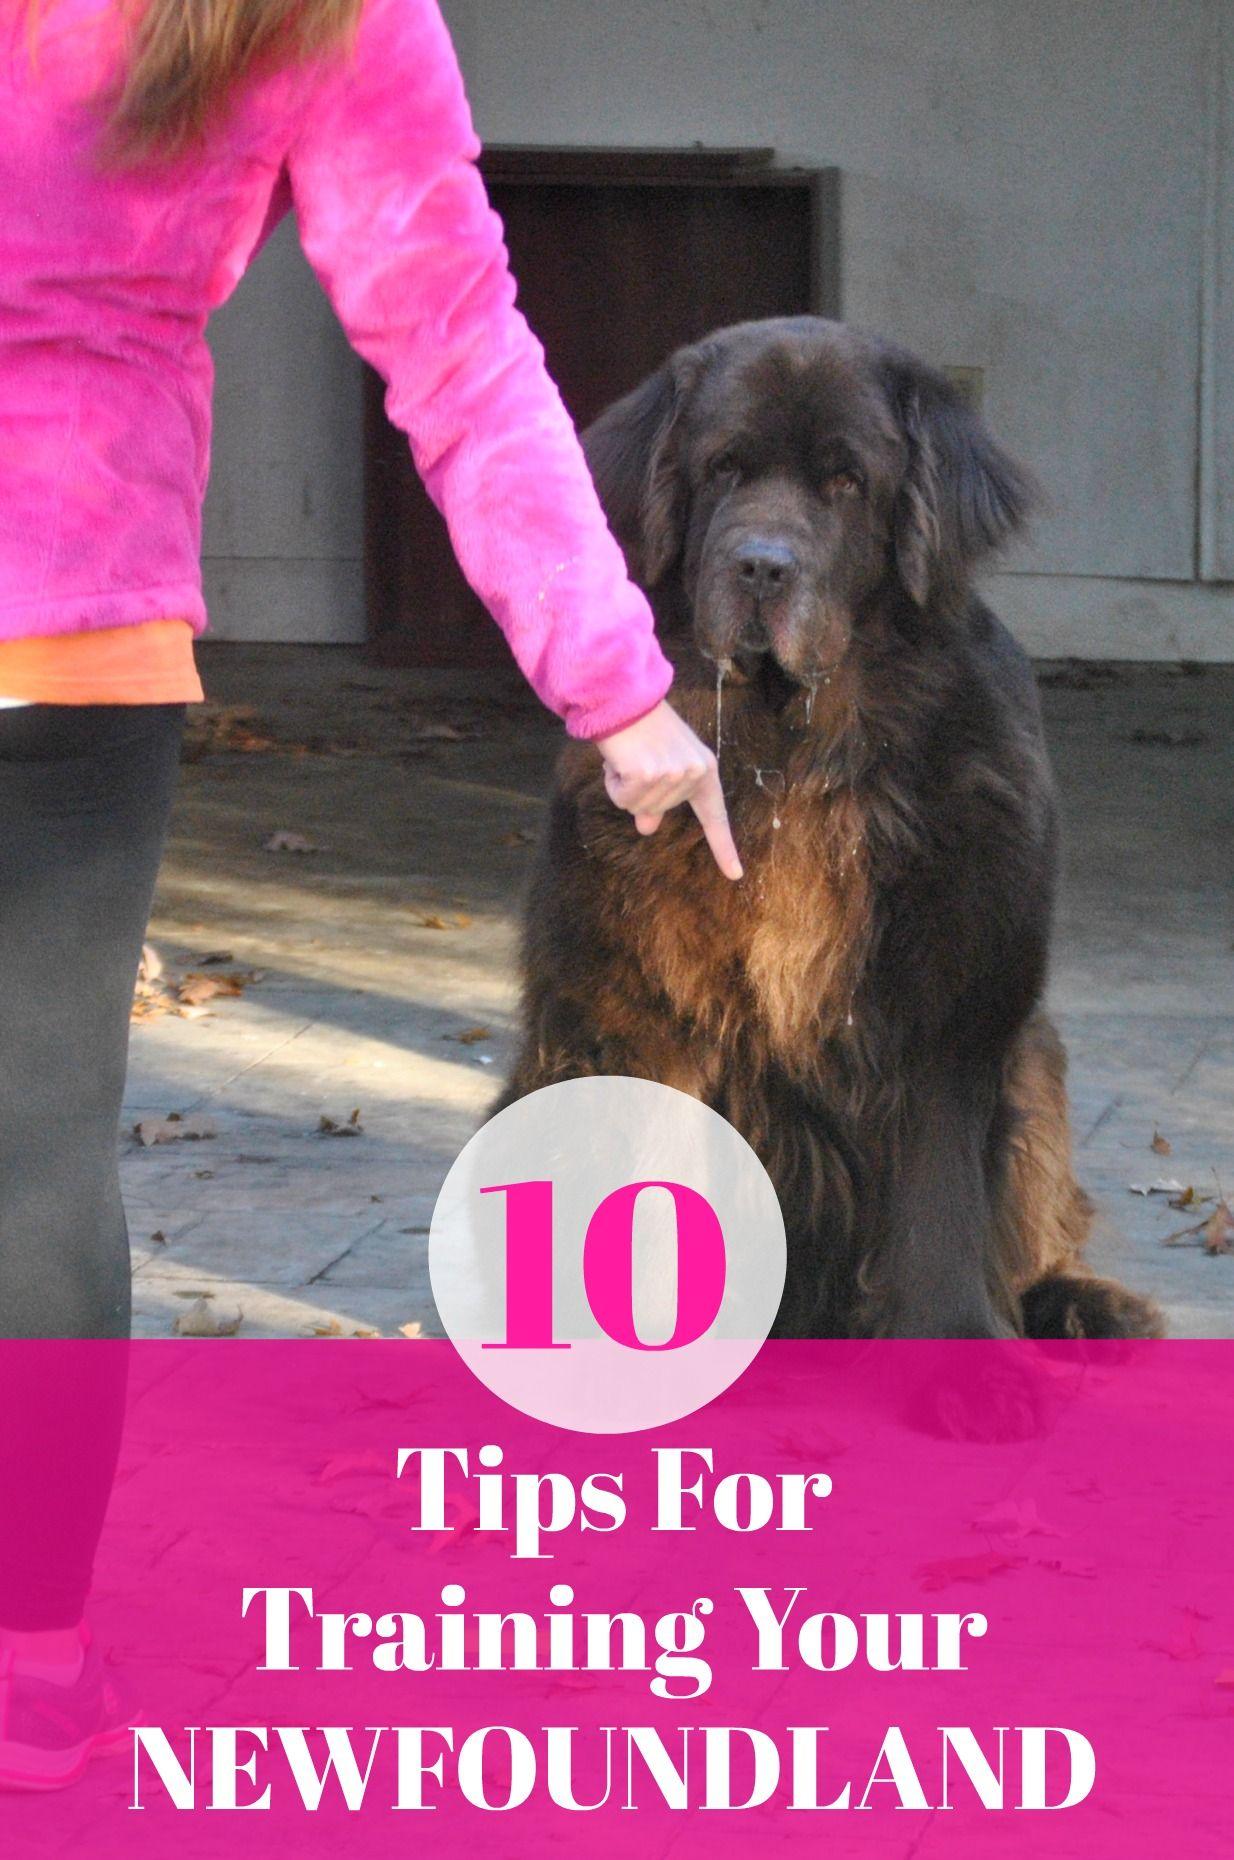 10 Tips For Training Your Newfoundland Dog My Brown Newfies Dog Training Obedience Training Your Dog Dog Training